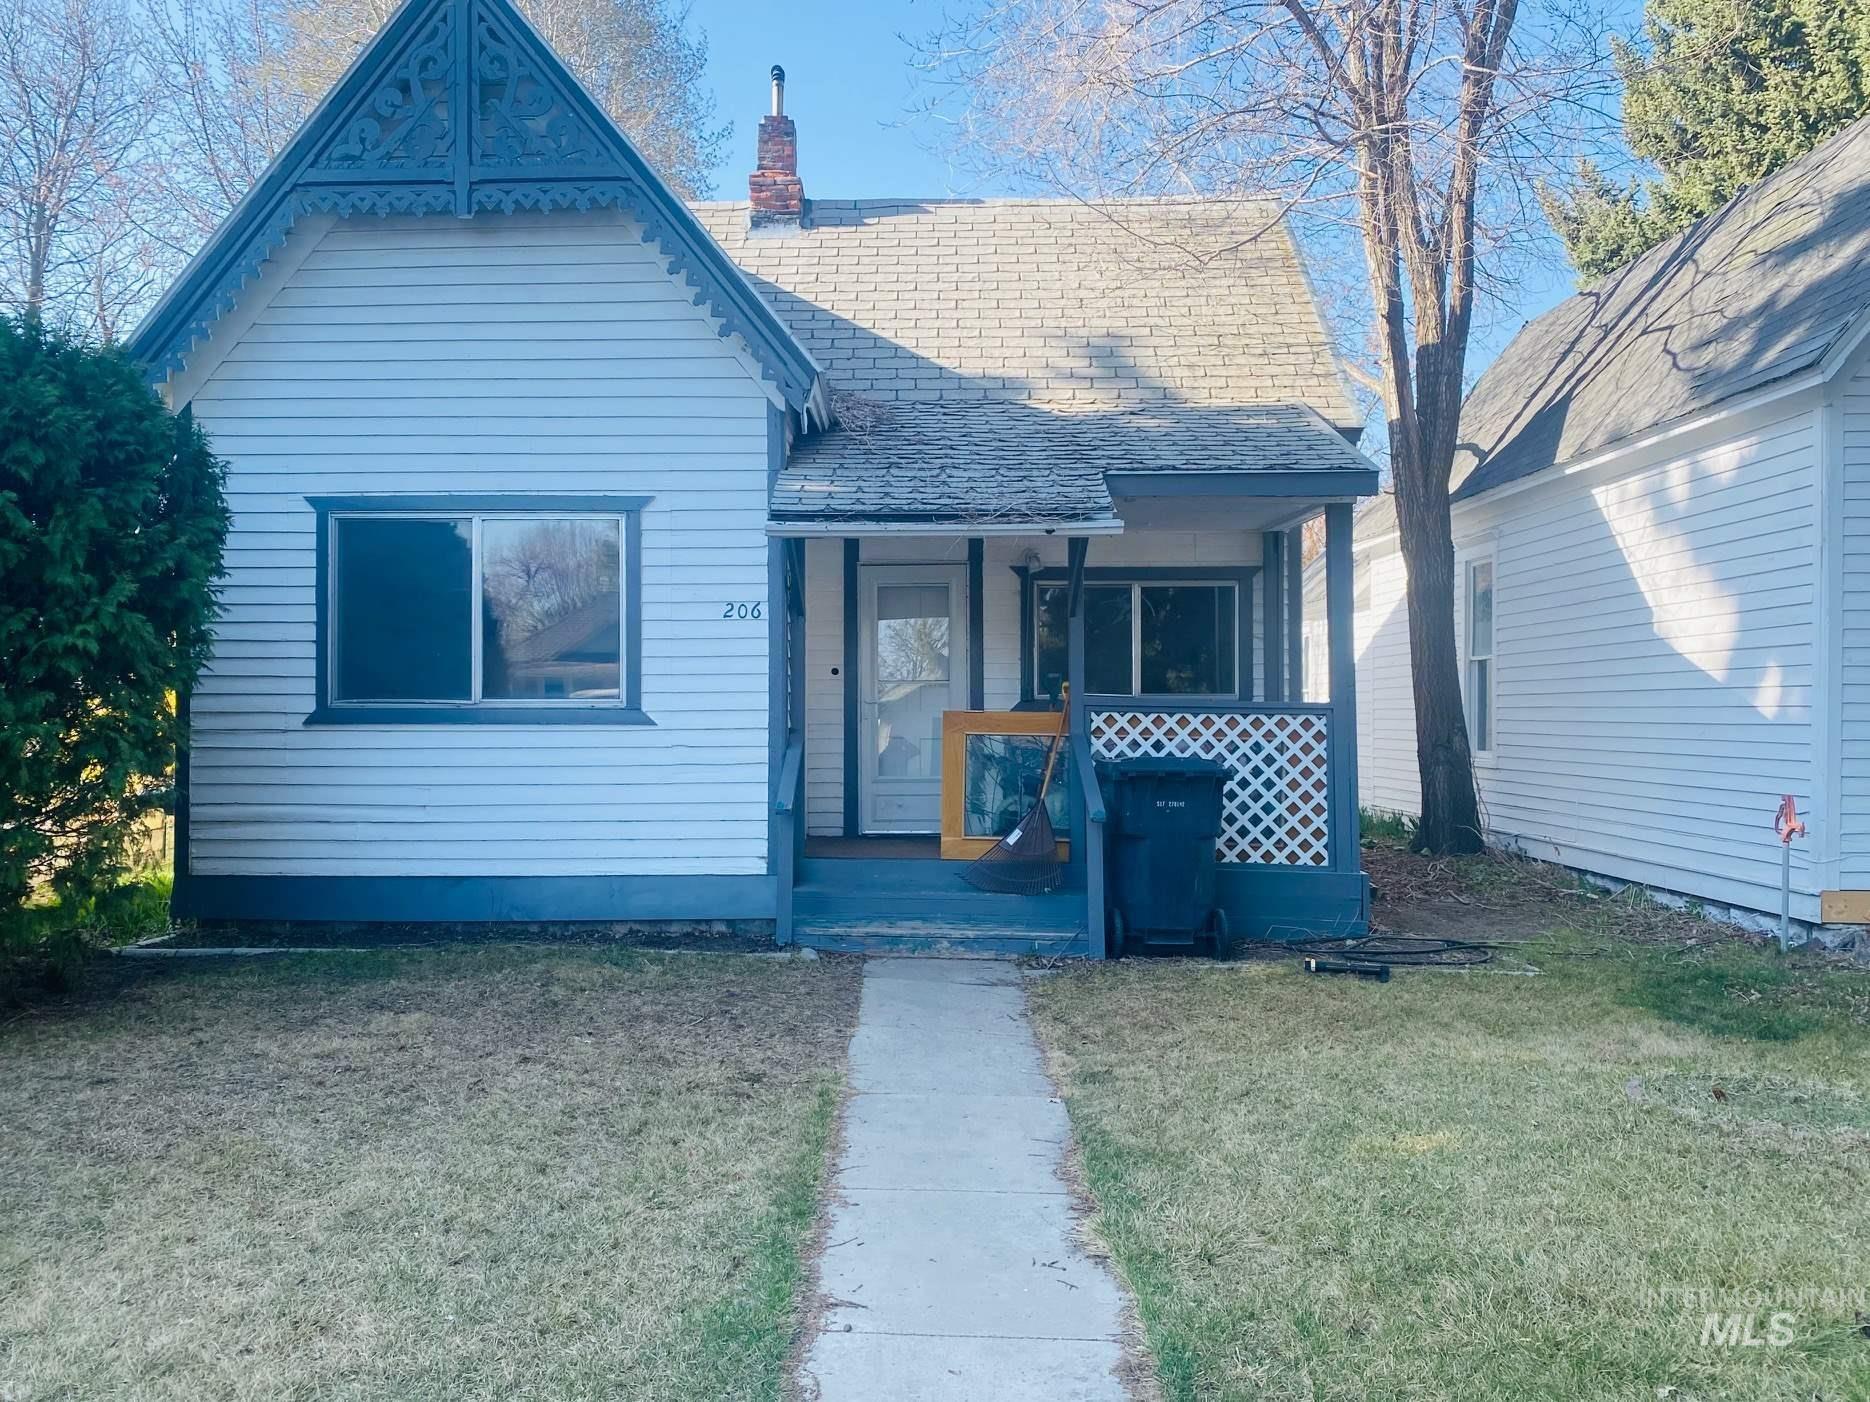 Photo of 206 E C Street, Shoshone, ID 83352 (MLS # 98798832)